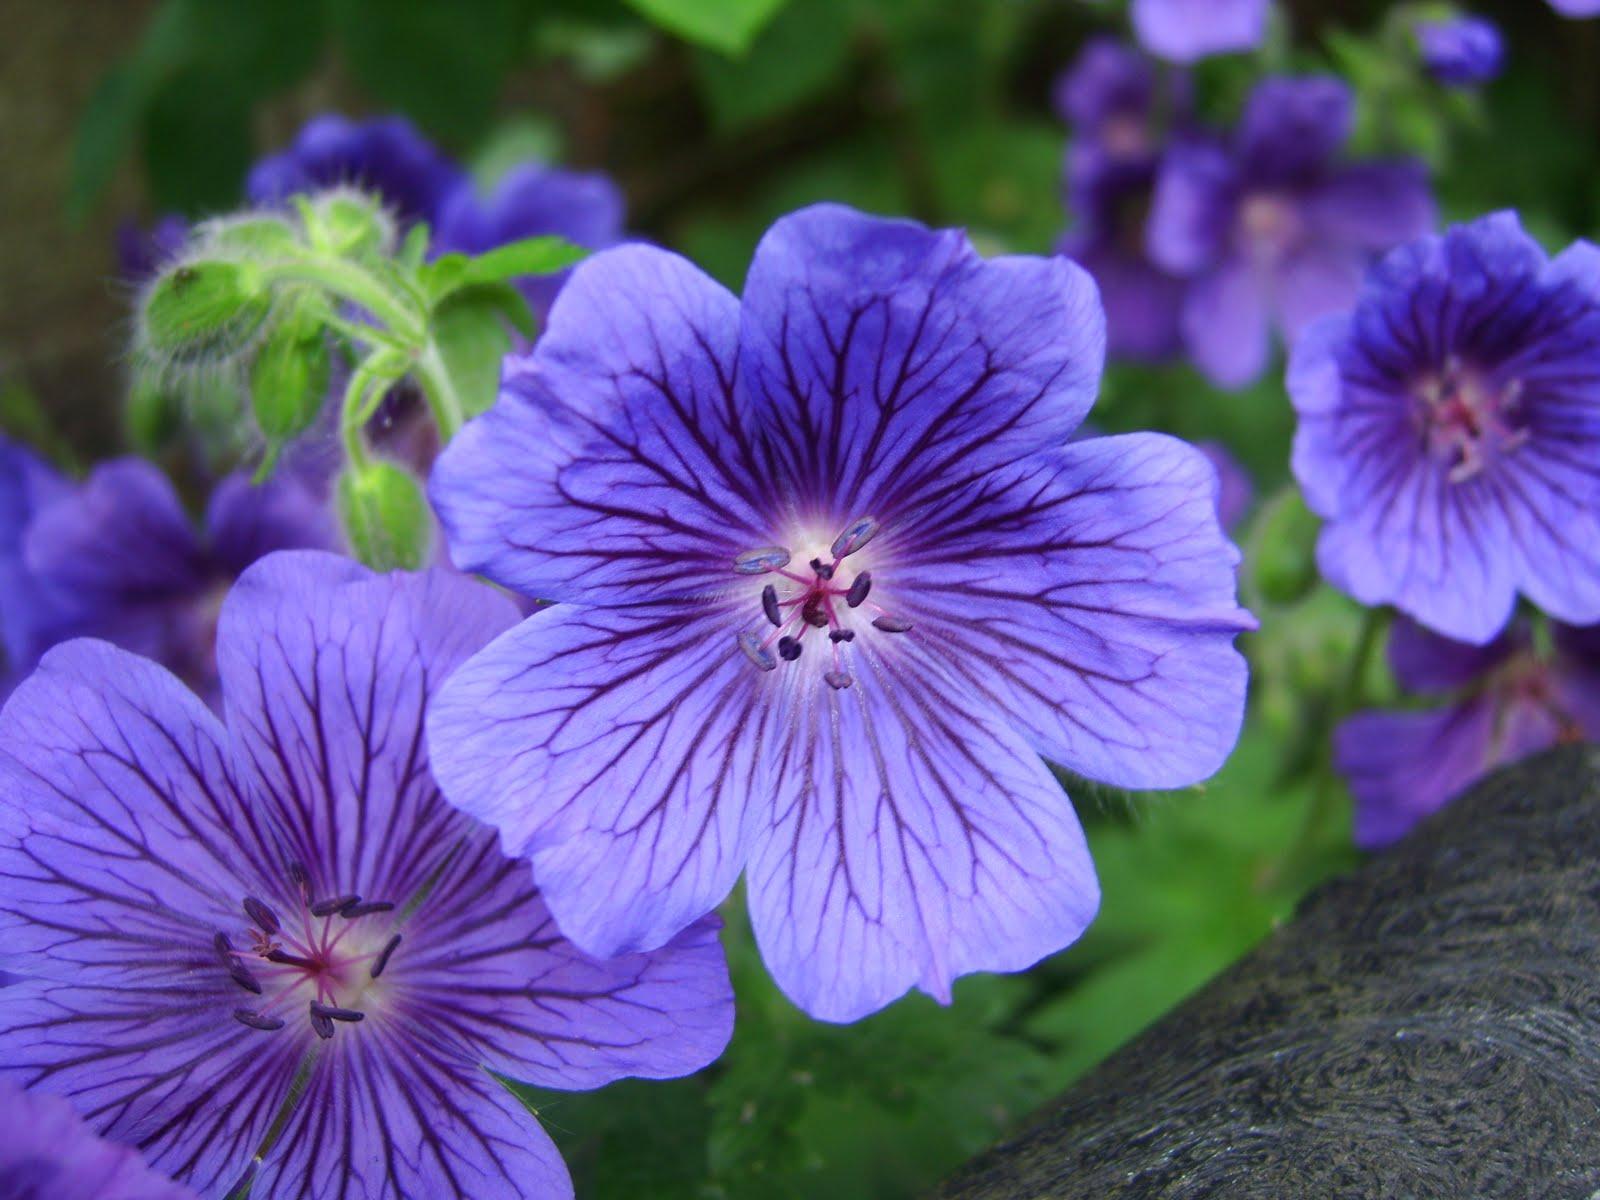 Diary of a Mad Gardener: Blue Geranium